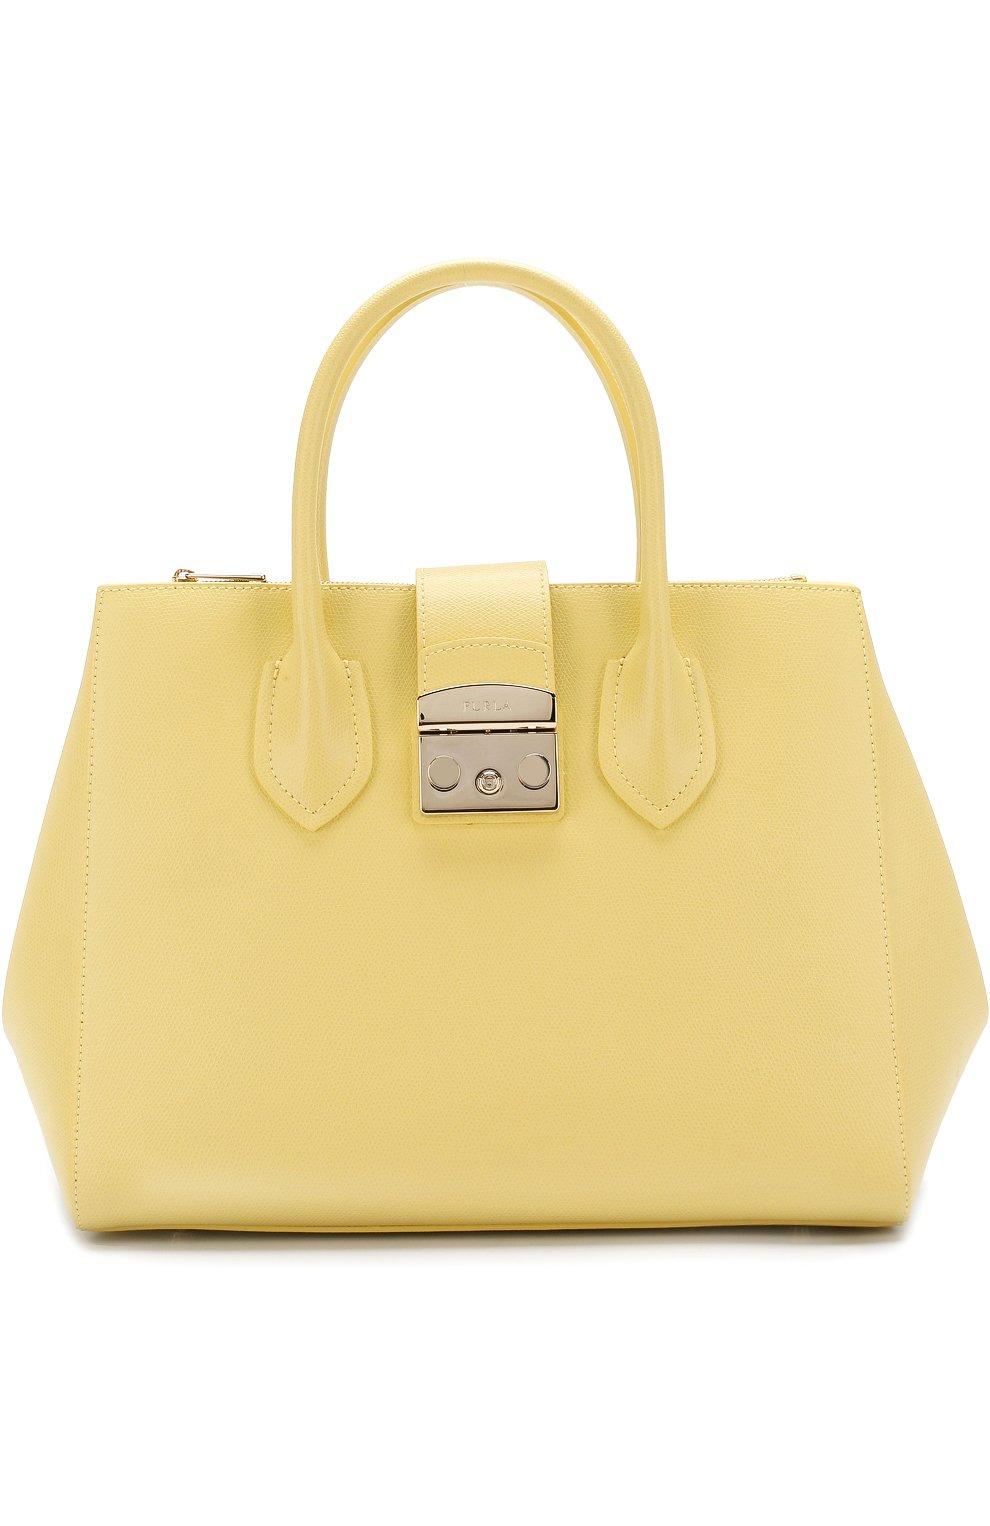 Женская сумка-тоут metropolis FURLA желтая цвета — купить за 27500 ... 9b20bef56bd